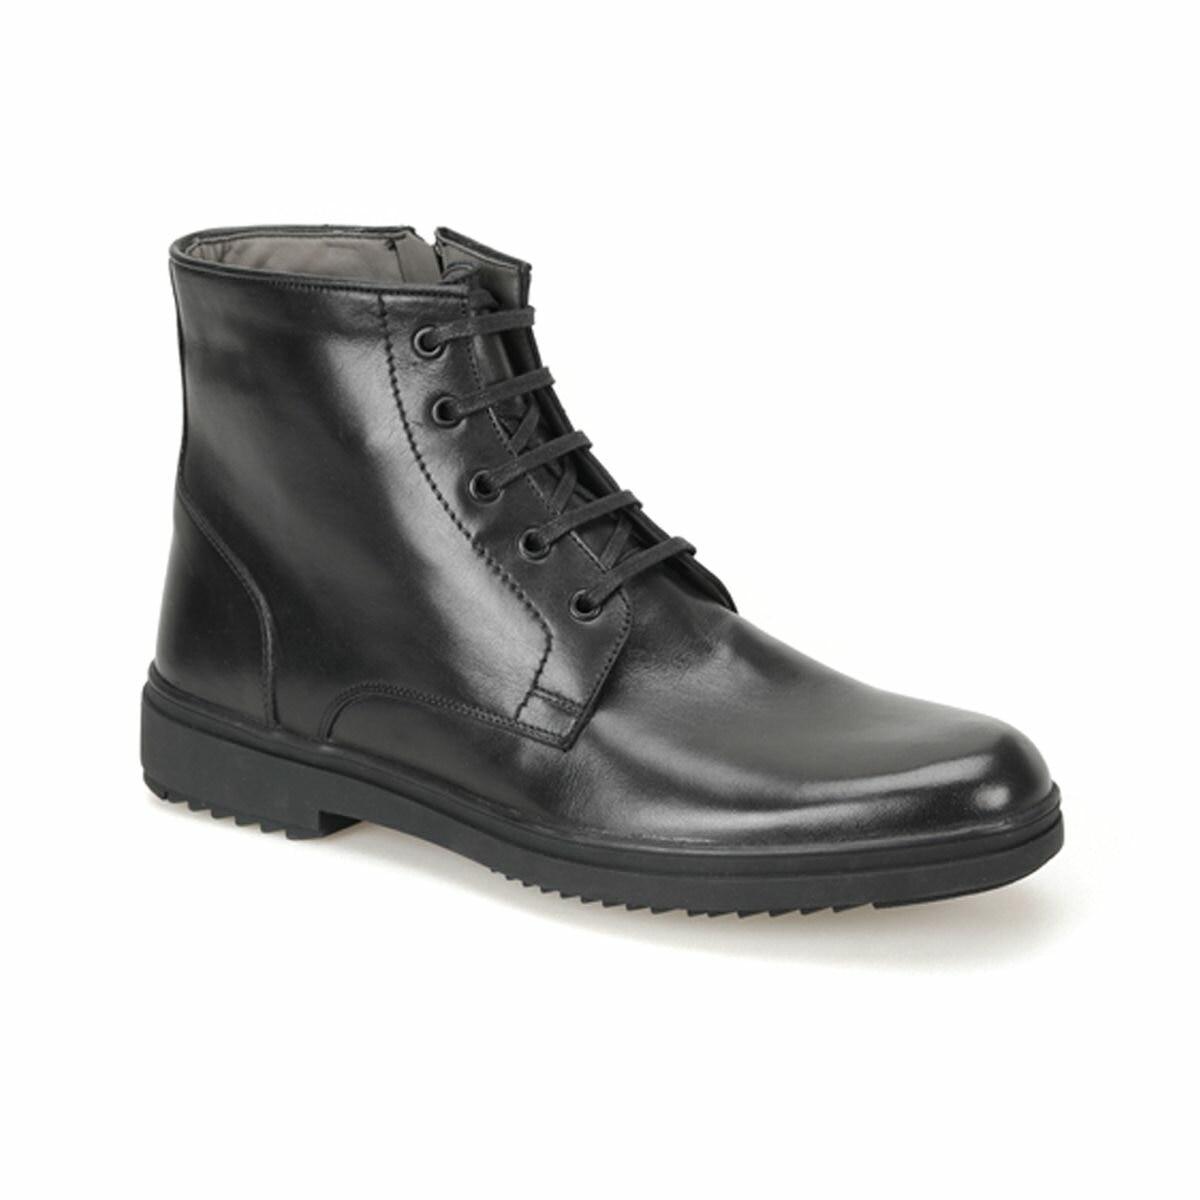 FLO KL-231-2 czarne męskie buty Flogart